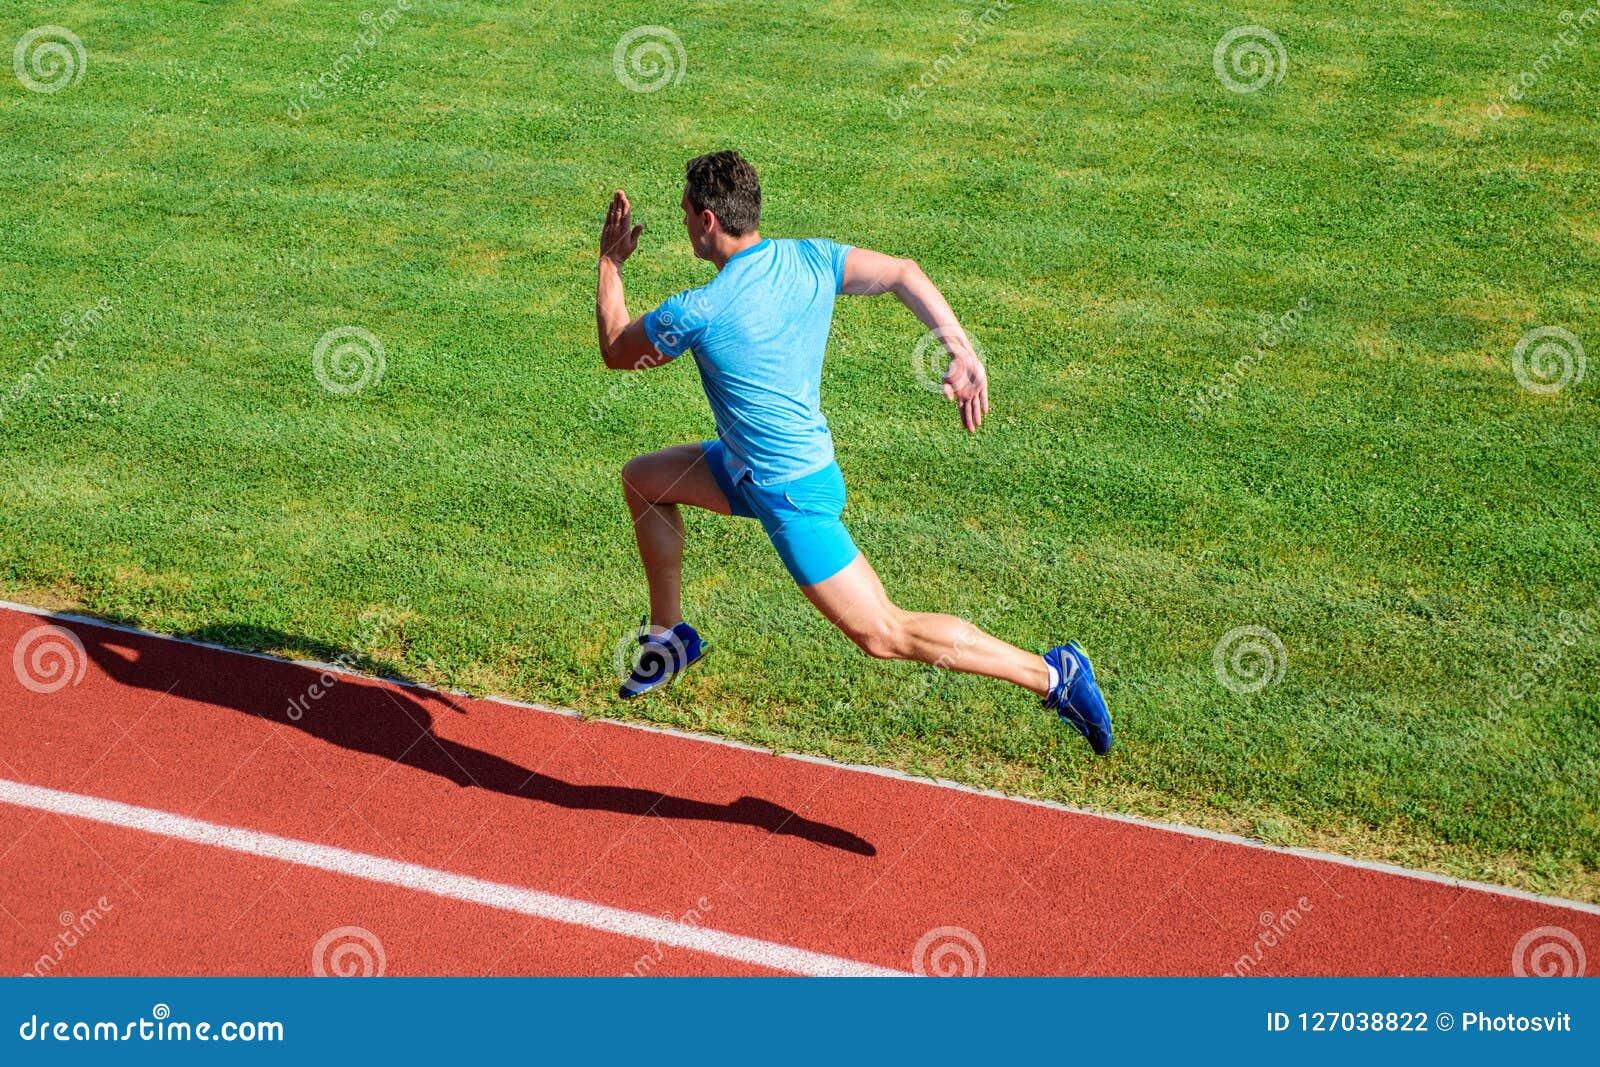 Runner captured in midair. Short distance running challenge. Boost speed. Athlete run track grass background. Run into